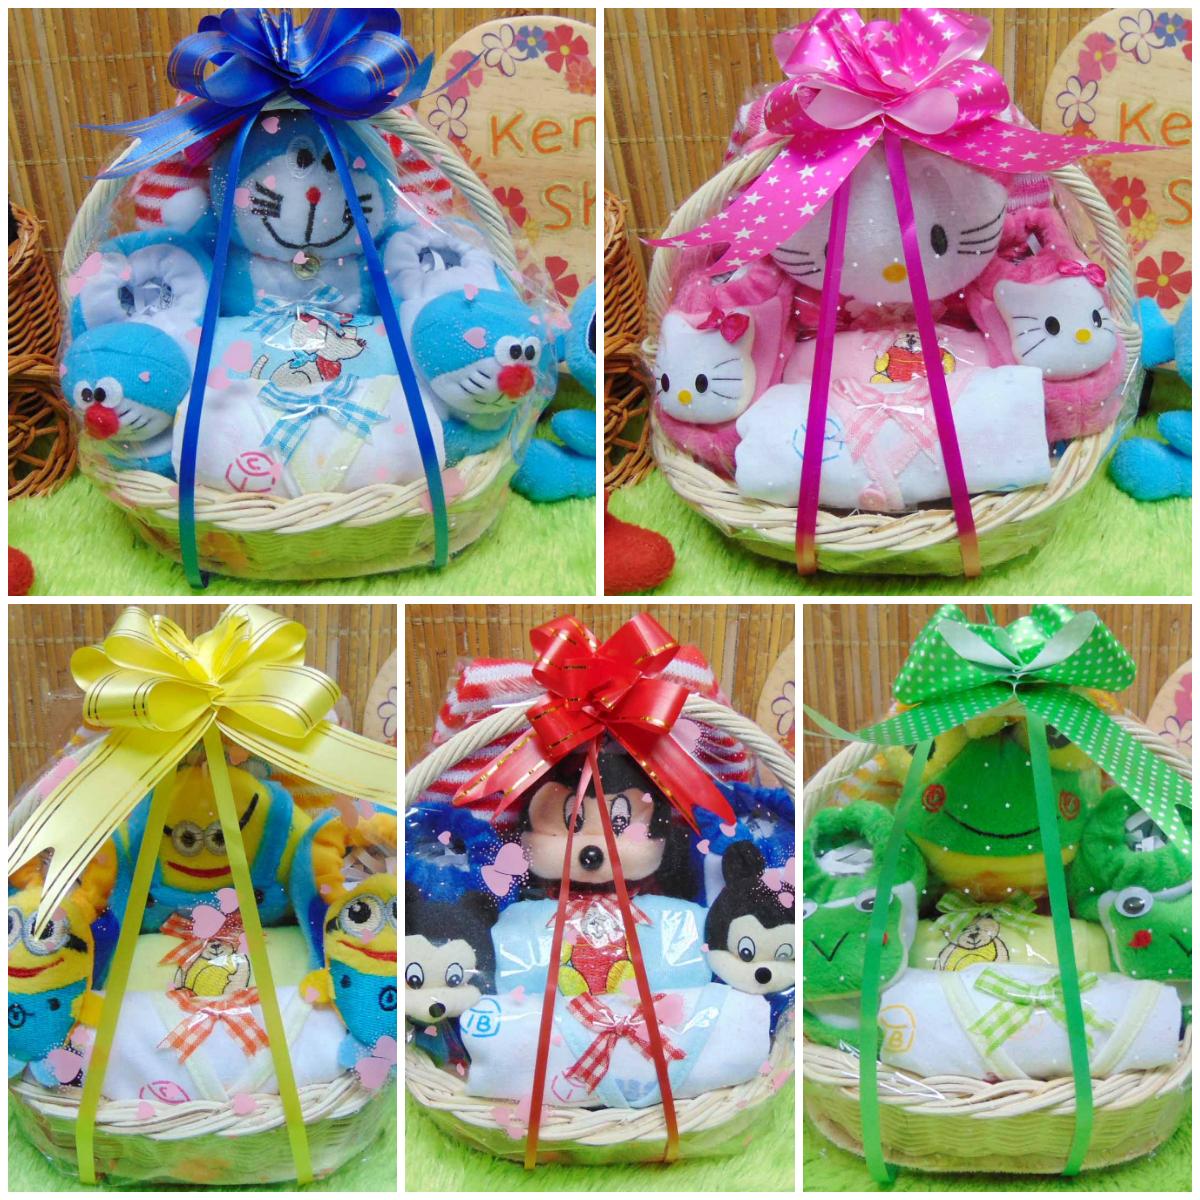 FOTO UTAMA paket kado bayi baby gift kado lahiran parcel bayi parsel kado bayi keranjang tangkai MINI KARAKTER KARTUN